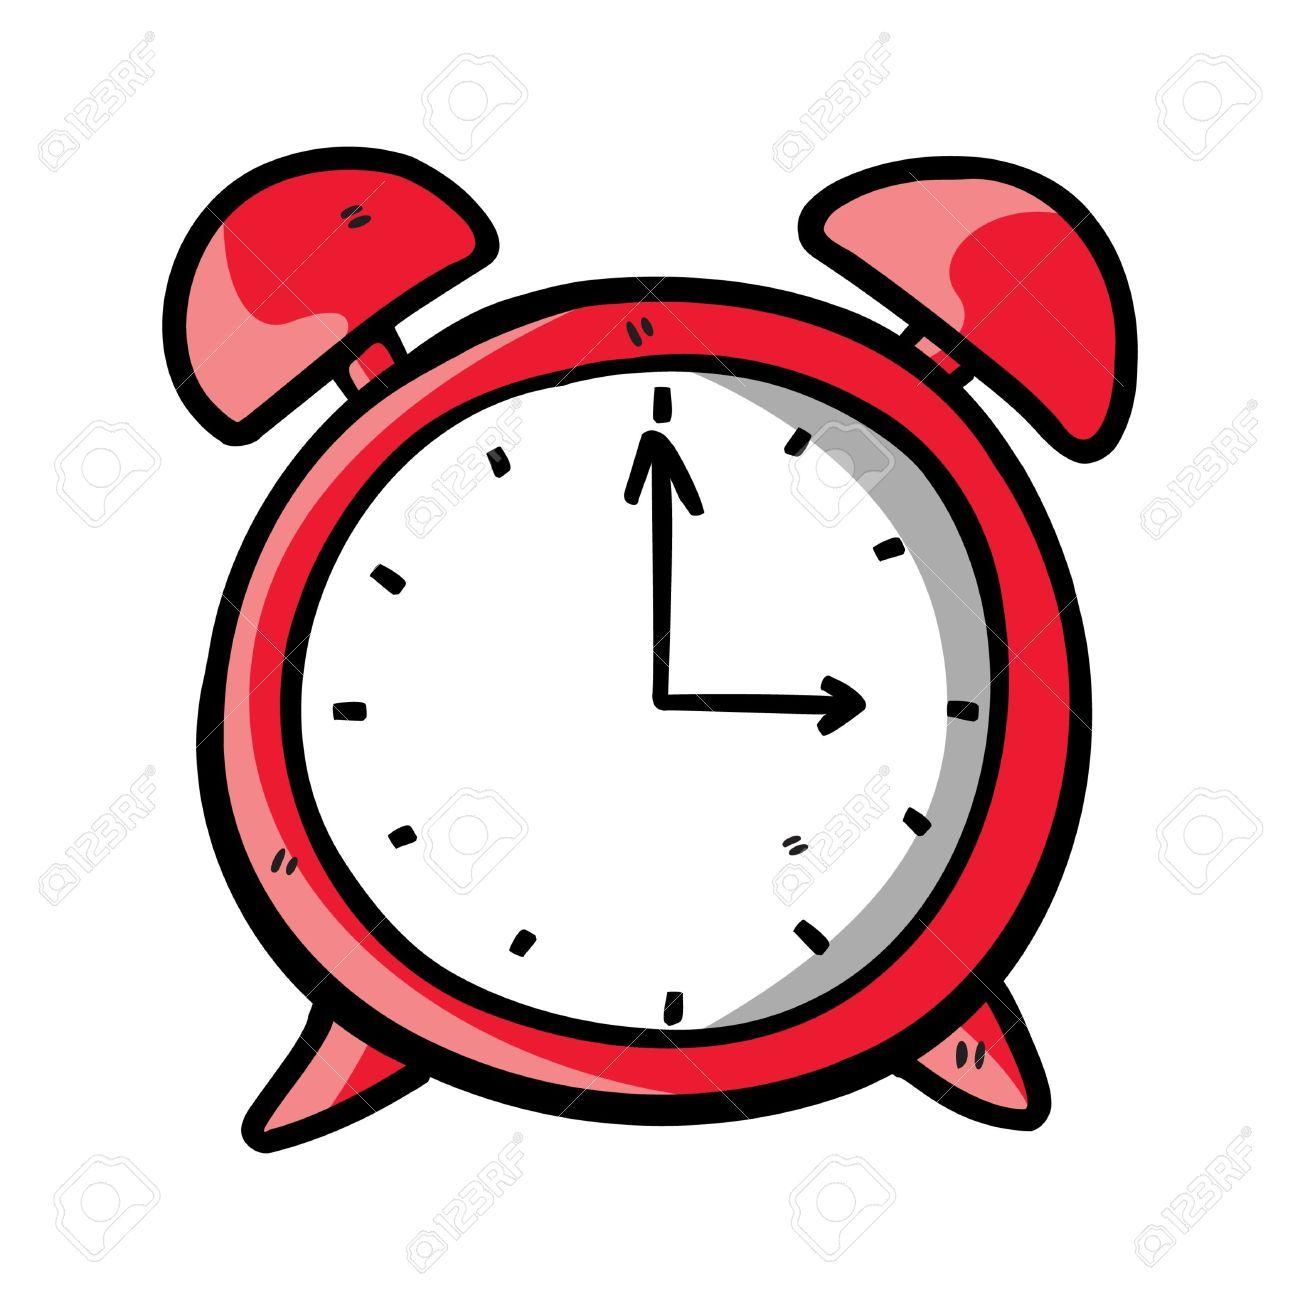 Reloj dibujado color rojo ilustraciones vectoriales - Reloj pintado en la pared ...